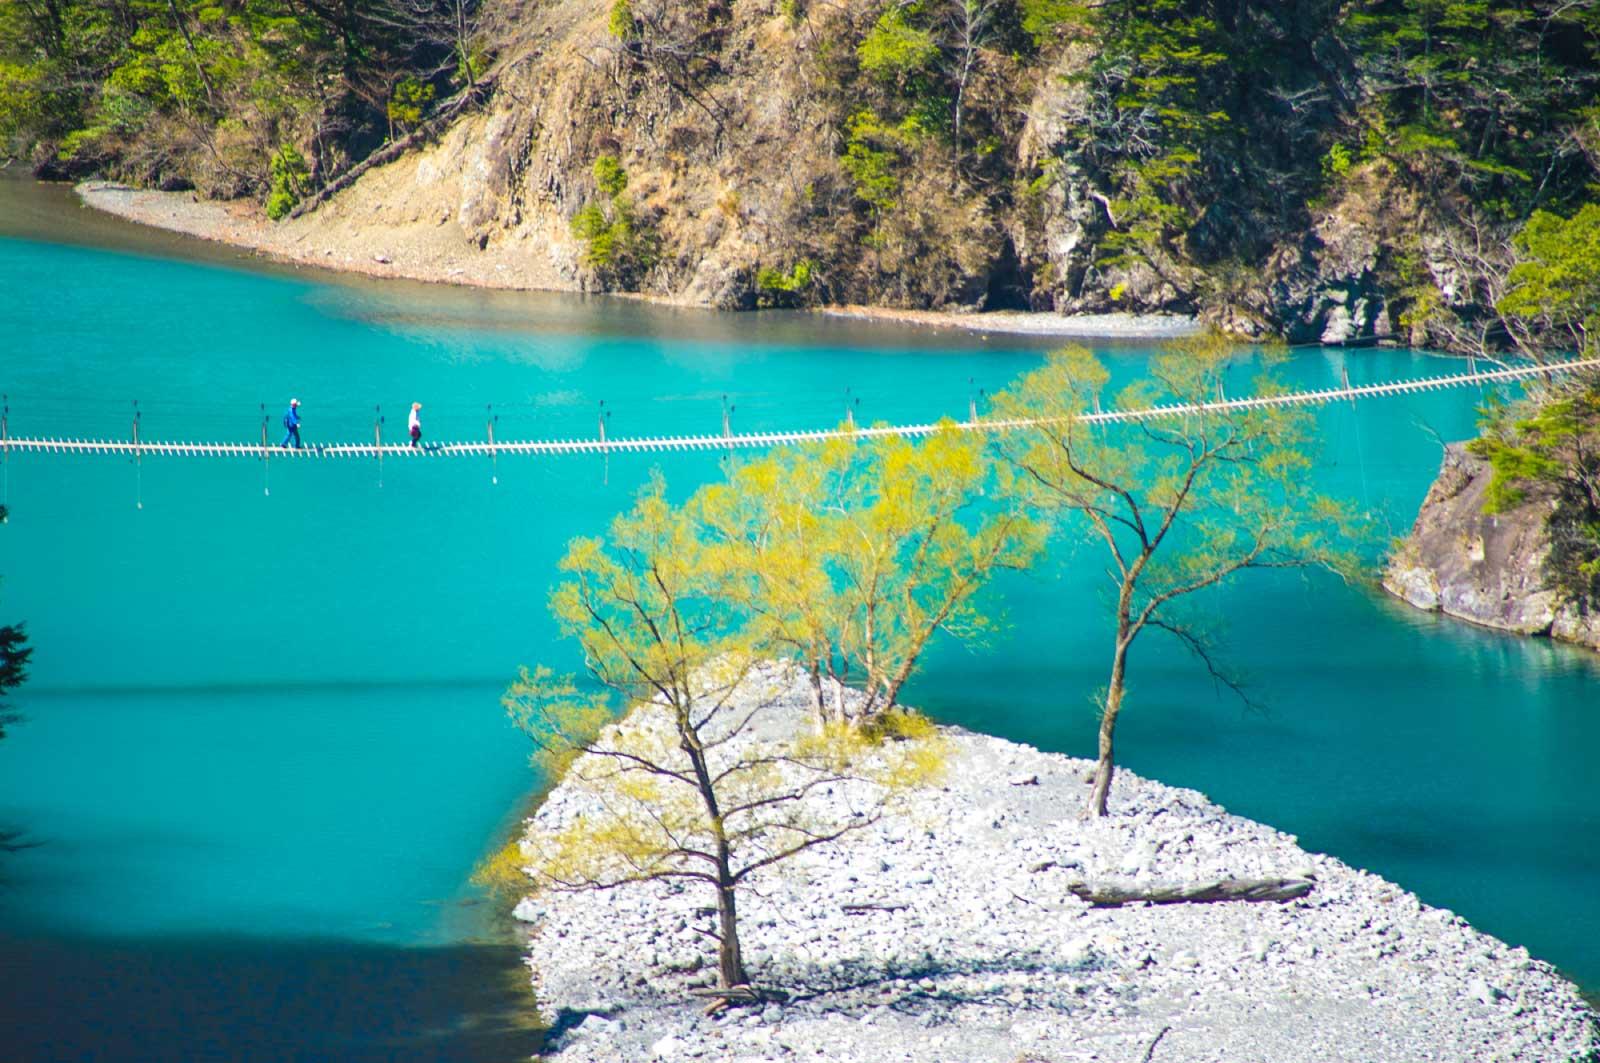 通称「夢のつり橋」のあるダム湖